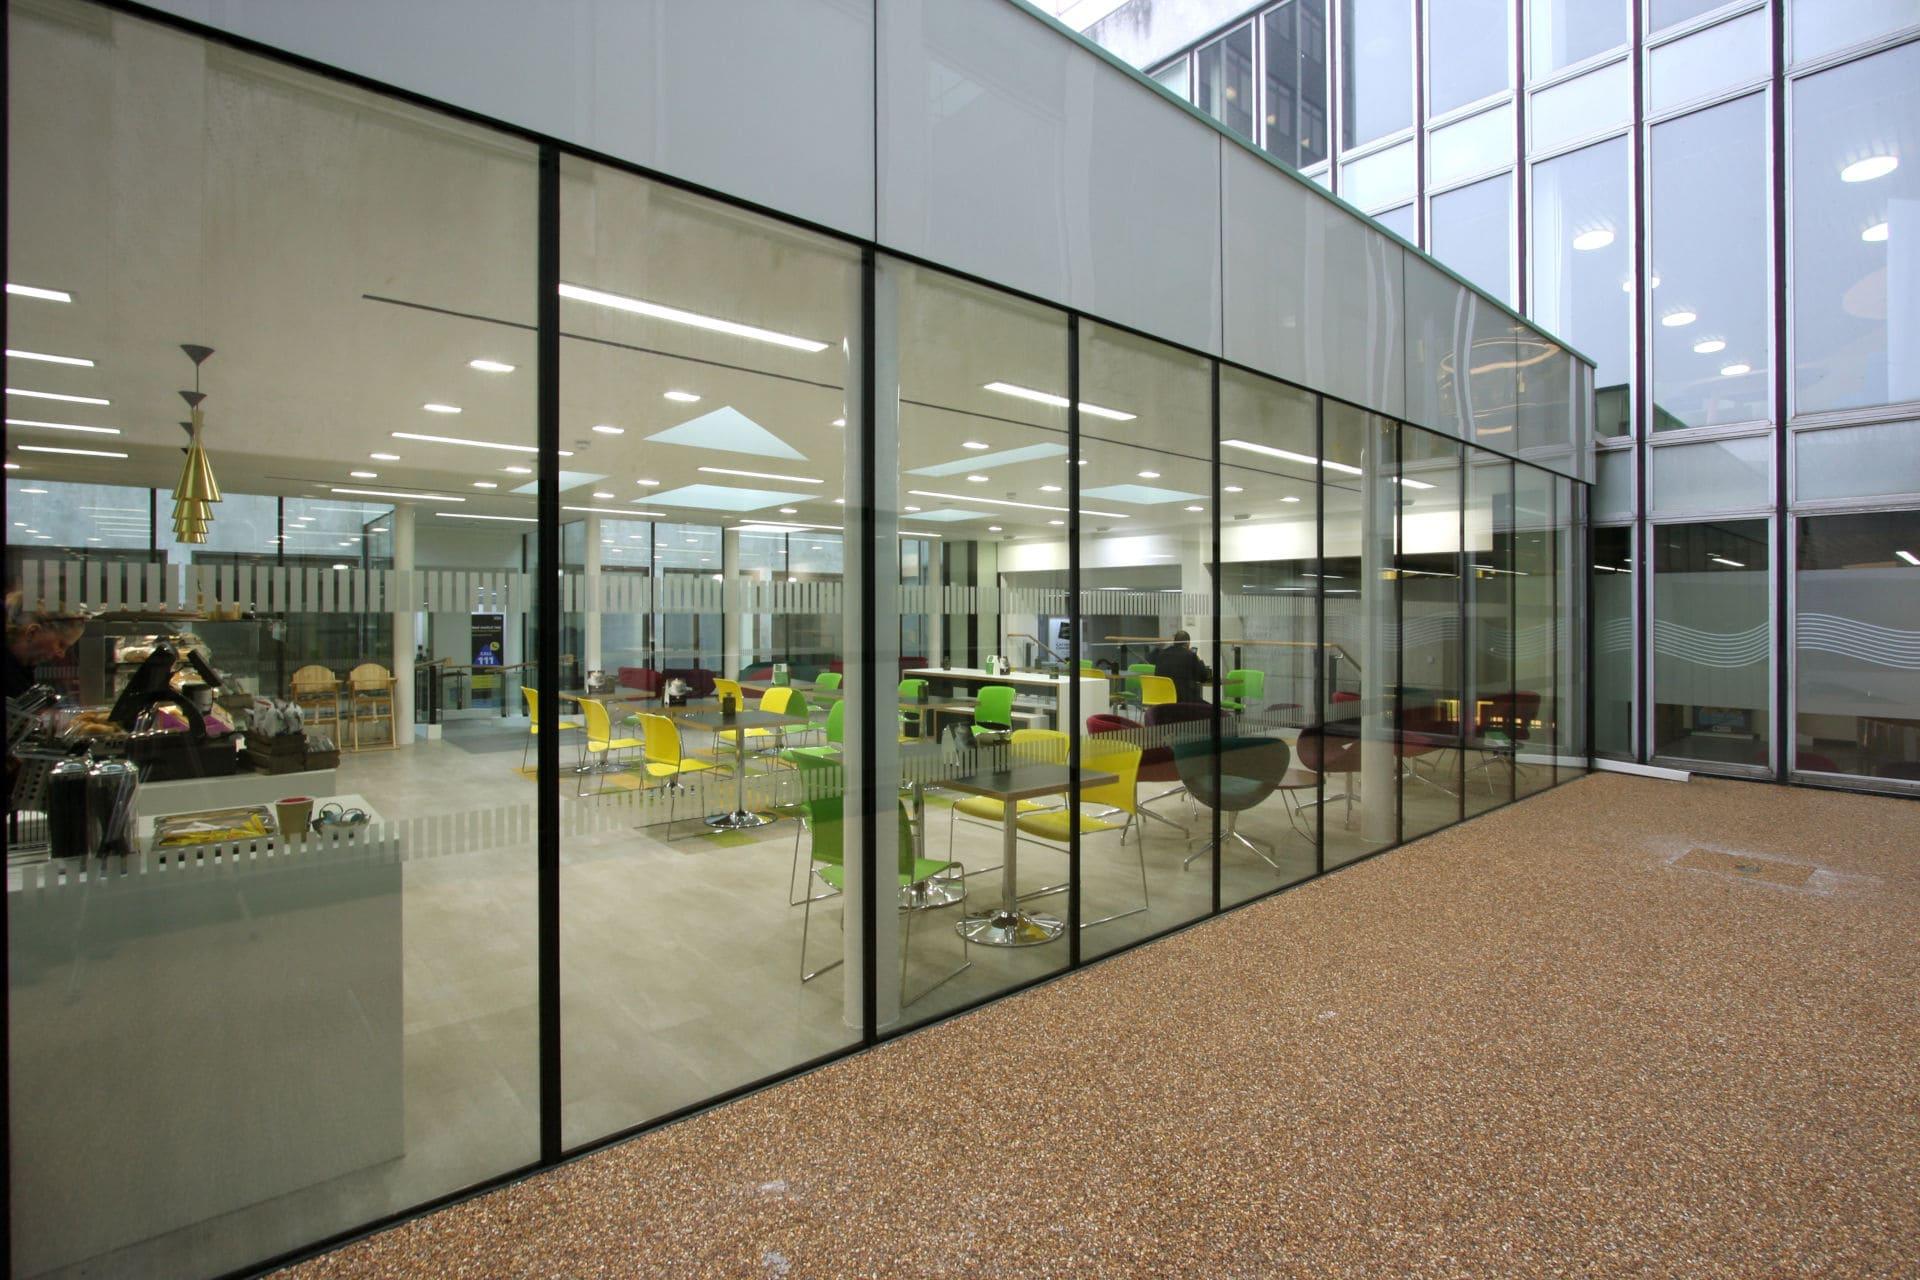 Frameless glass office wall